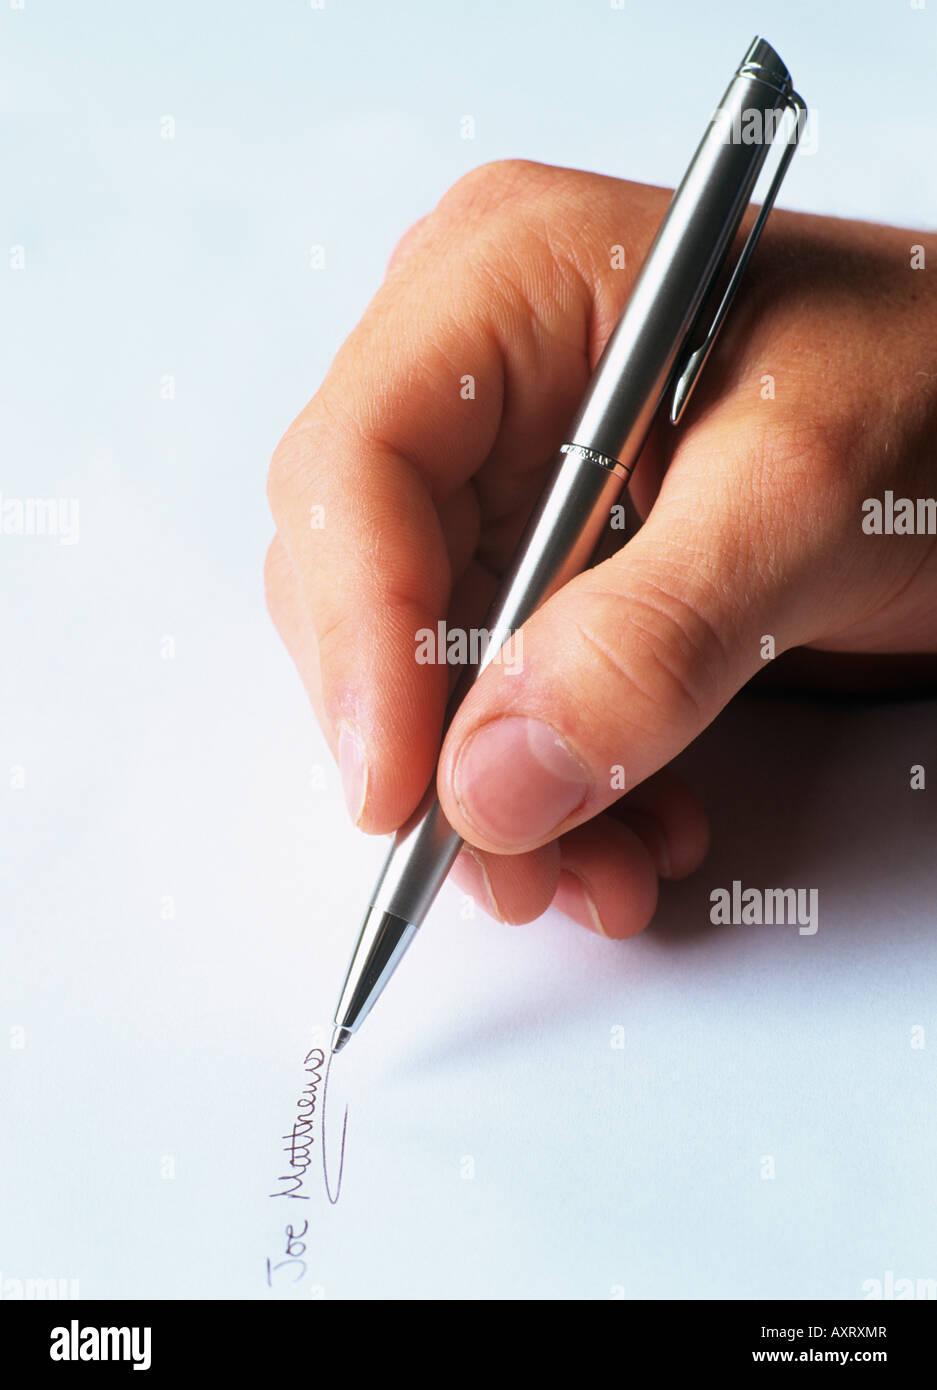 Des Menschen Hand schreiben eine Unterschrift auf Papier mit einem silbernen Kugelschreiber. England Großbritannien Stockbild